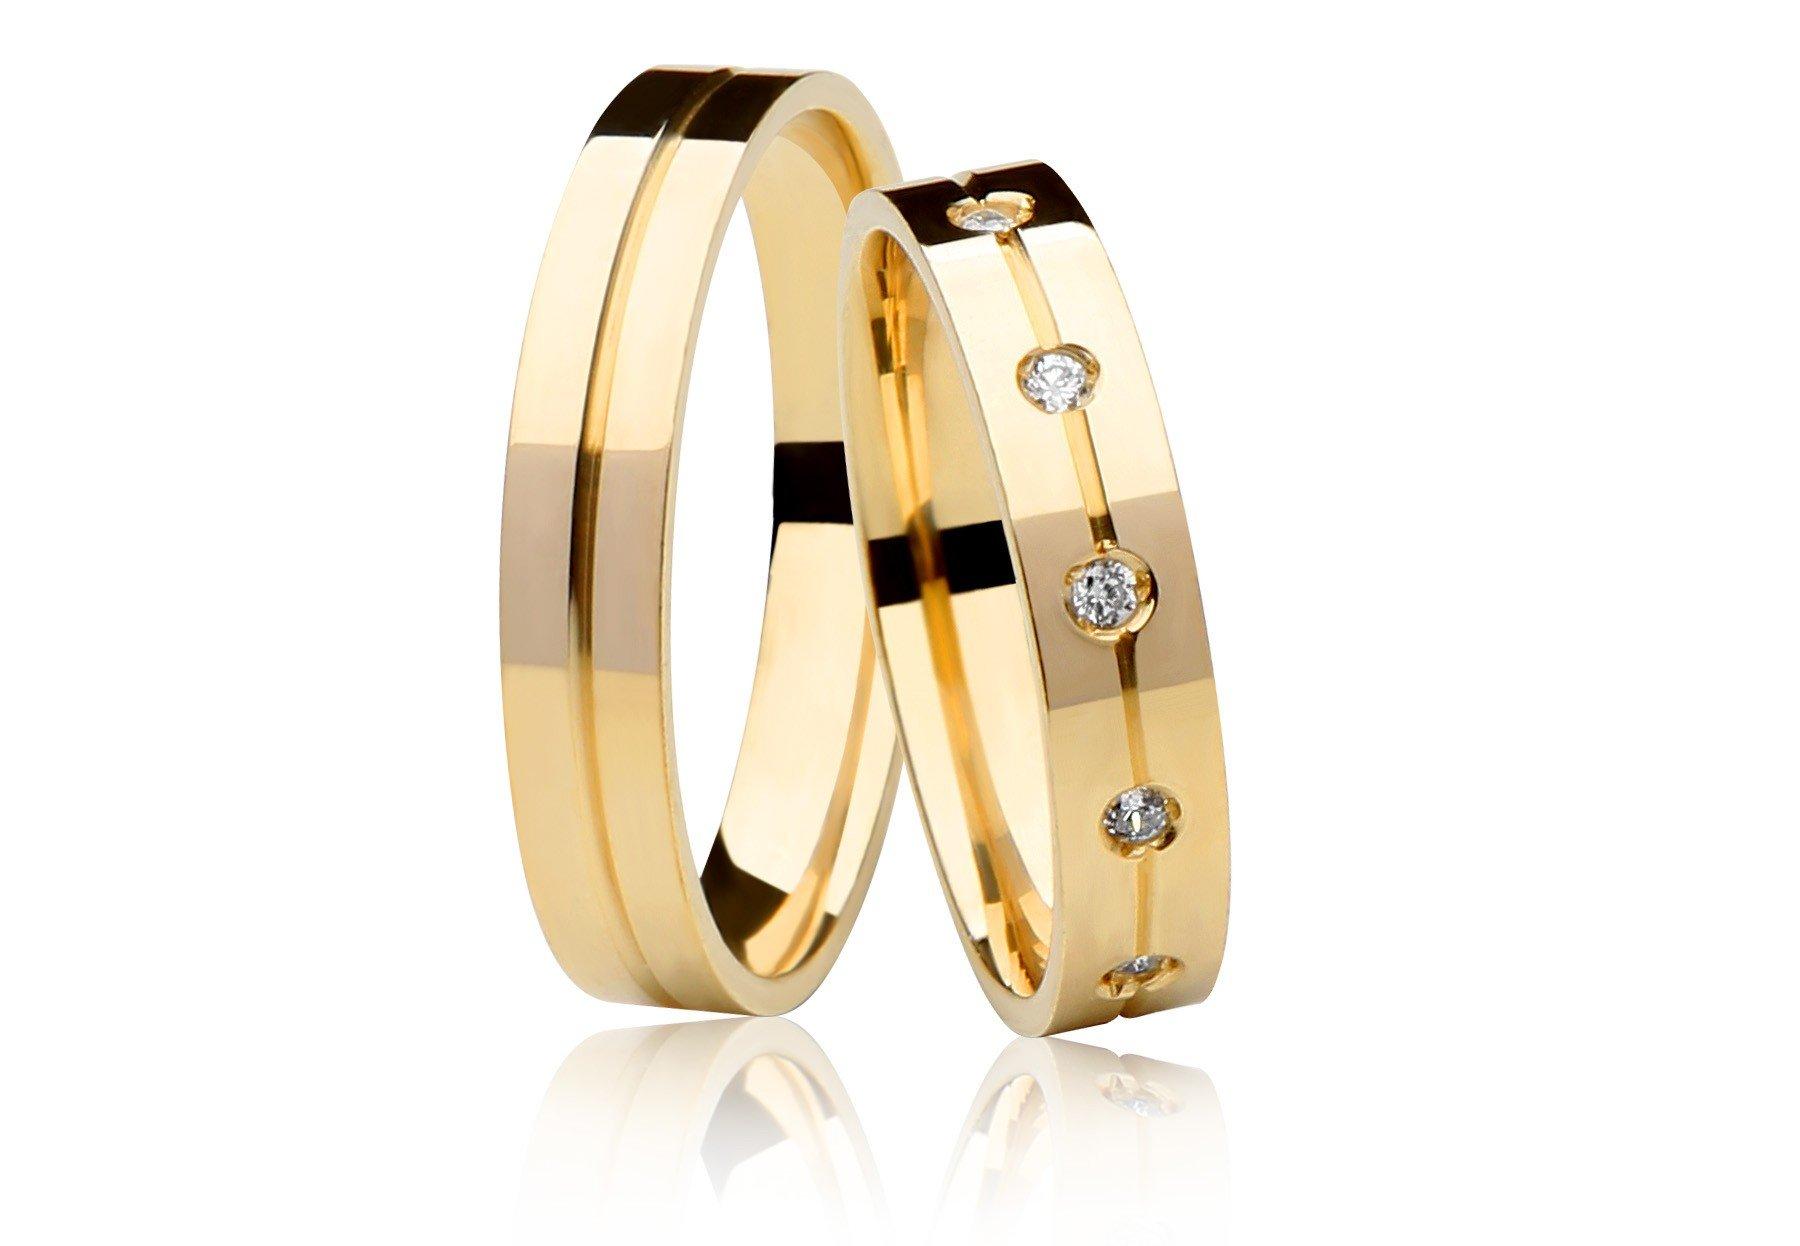 Alianças Reta de Prata 950 Banhadas a Ouro 24k Noivado ou Casamento AB7080